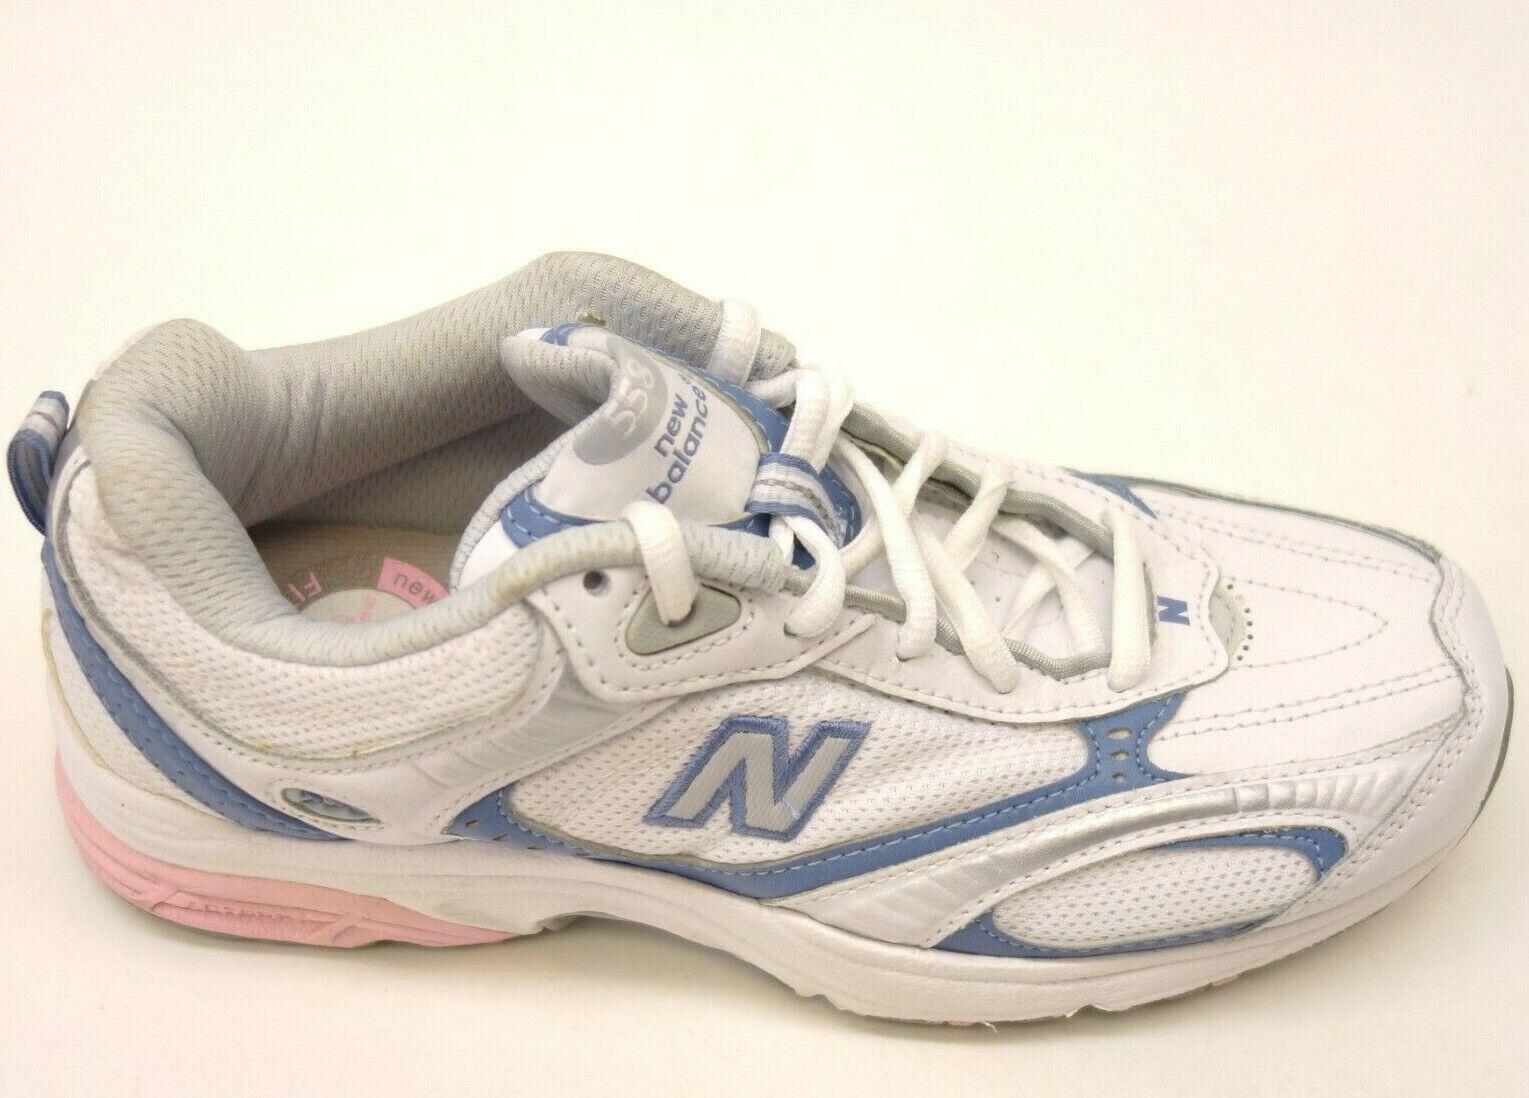 New Balance 812 US 11 Eu 43 Weißes Leder Wandern Athletic